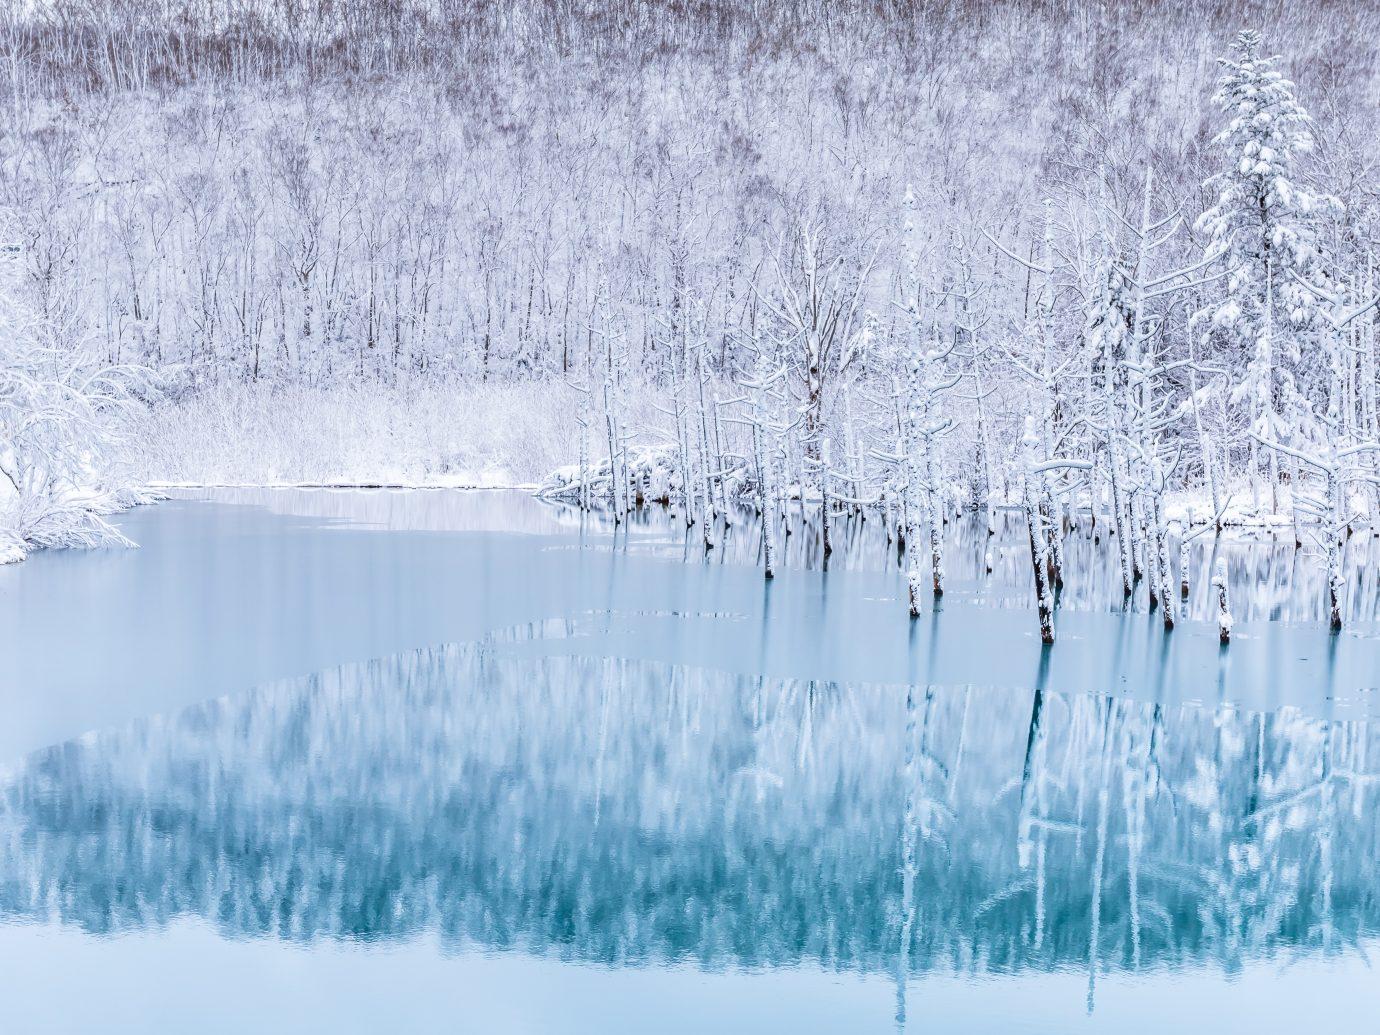 Biei in Hokkaido,Japan.